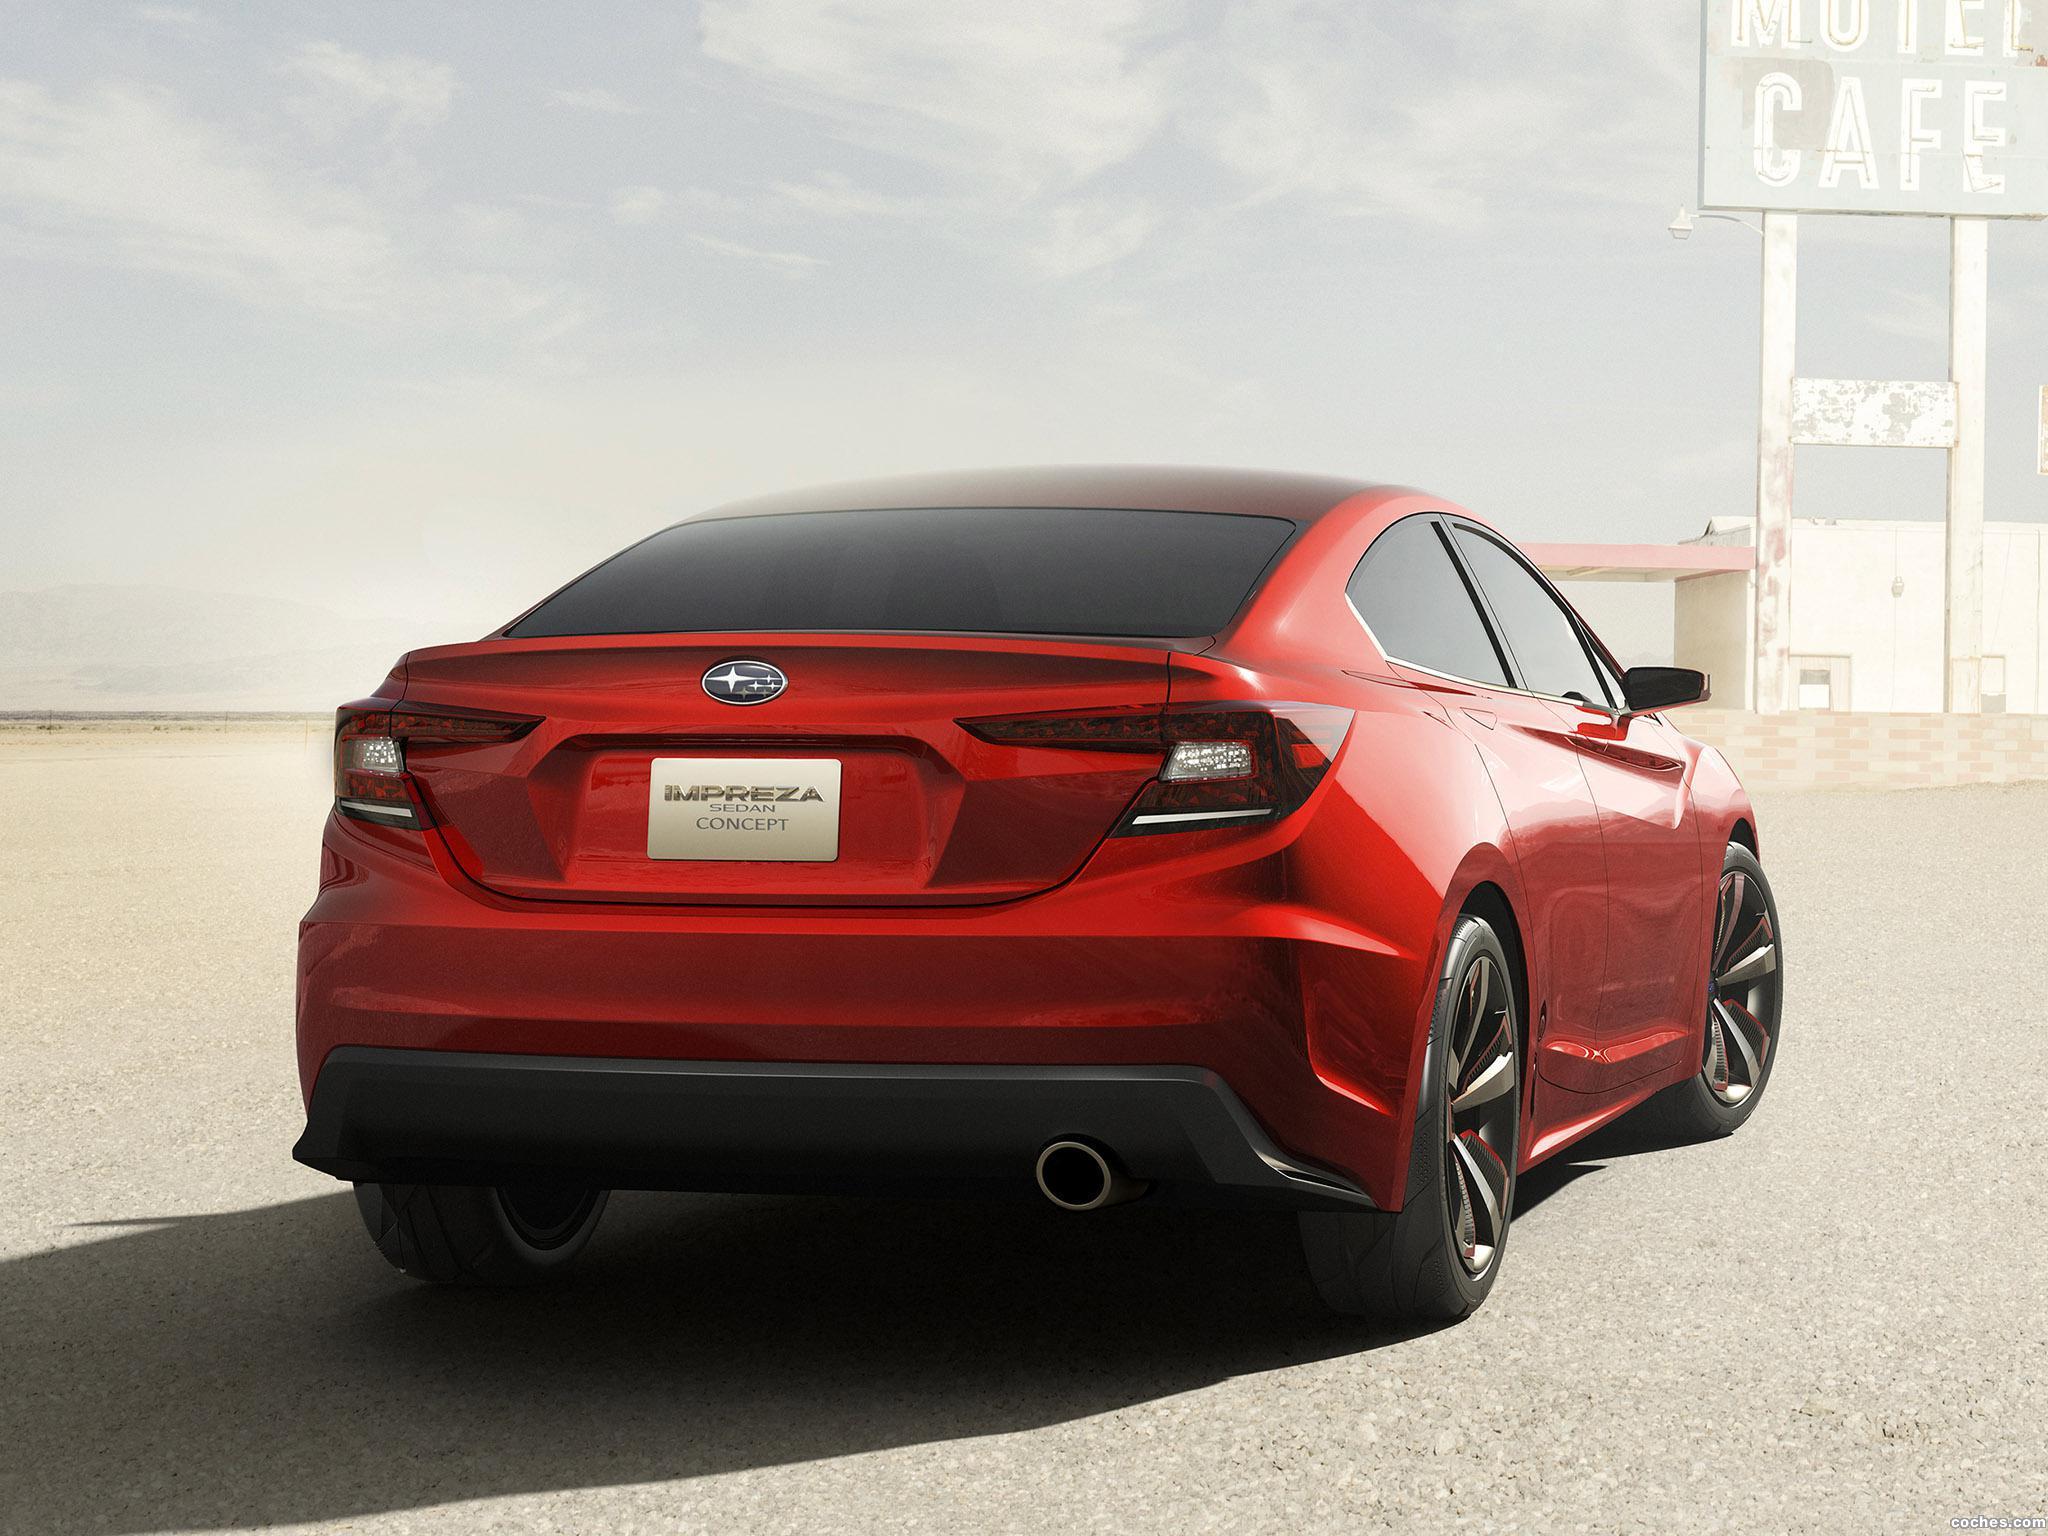 Foto 3 de Subaru Impreza Sedan Concept 2015